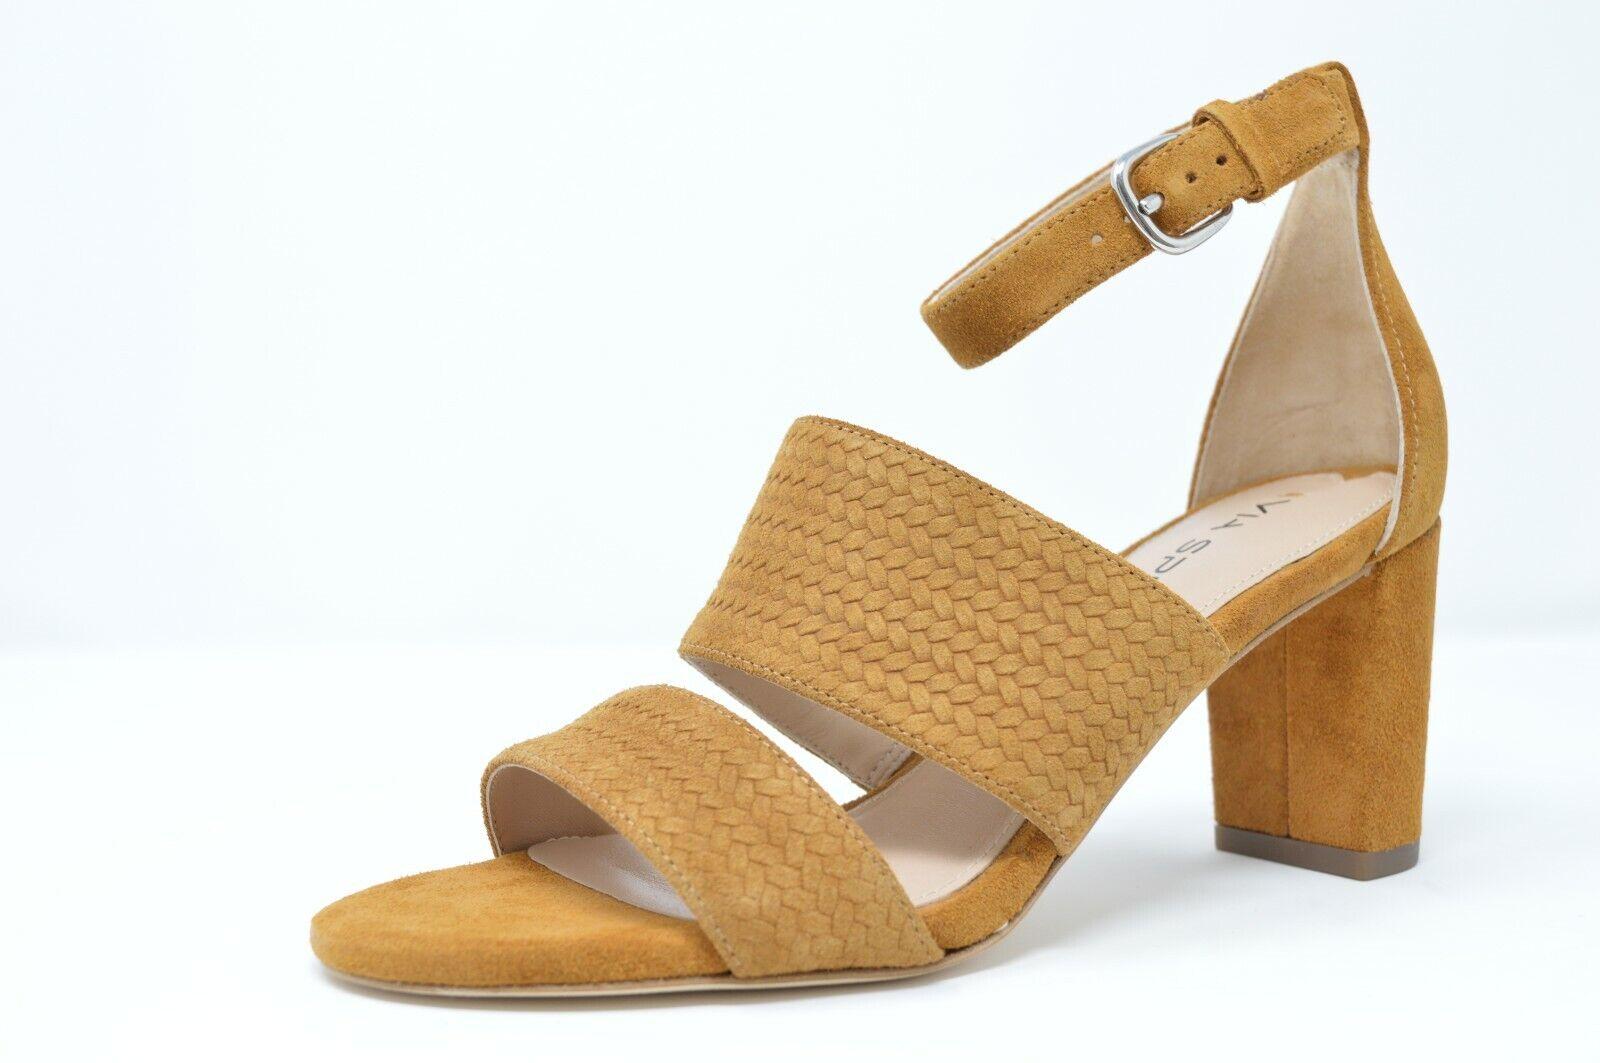 Via Spiga donna Wendolin1 Heels Tawny Suede Sandals Texturosso, Marronee, Dimensione 9.5